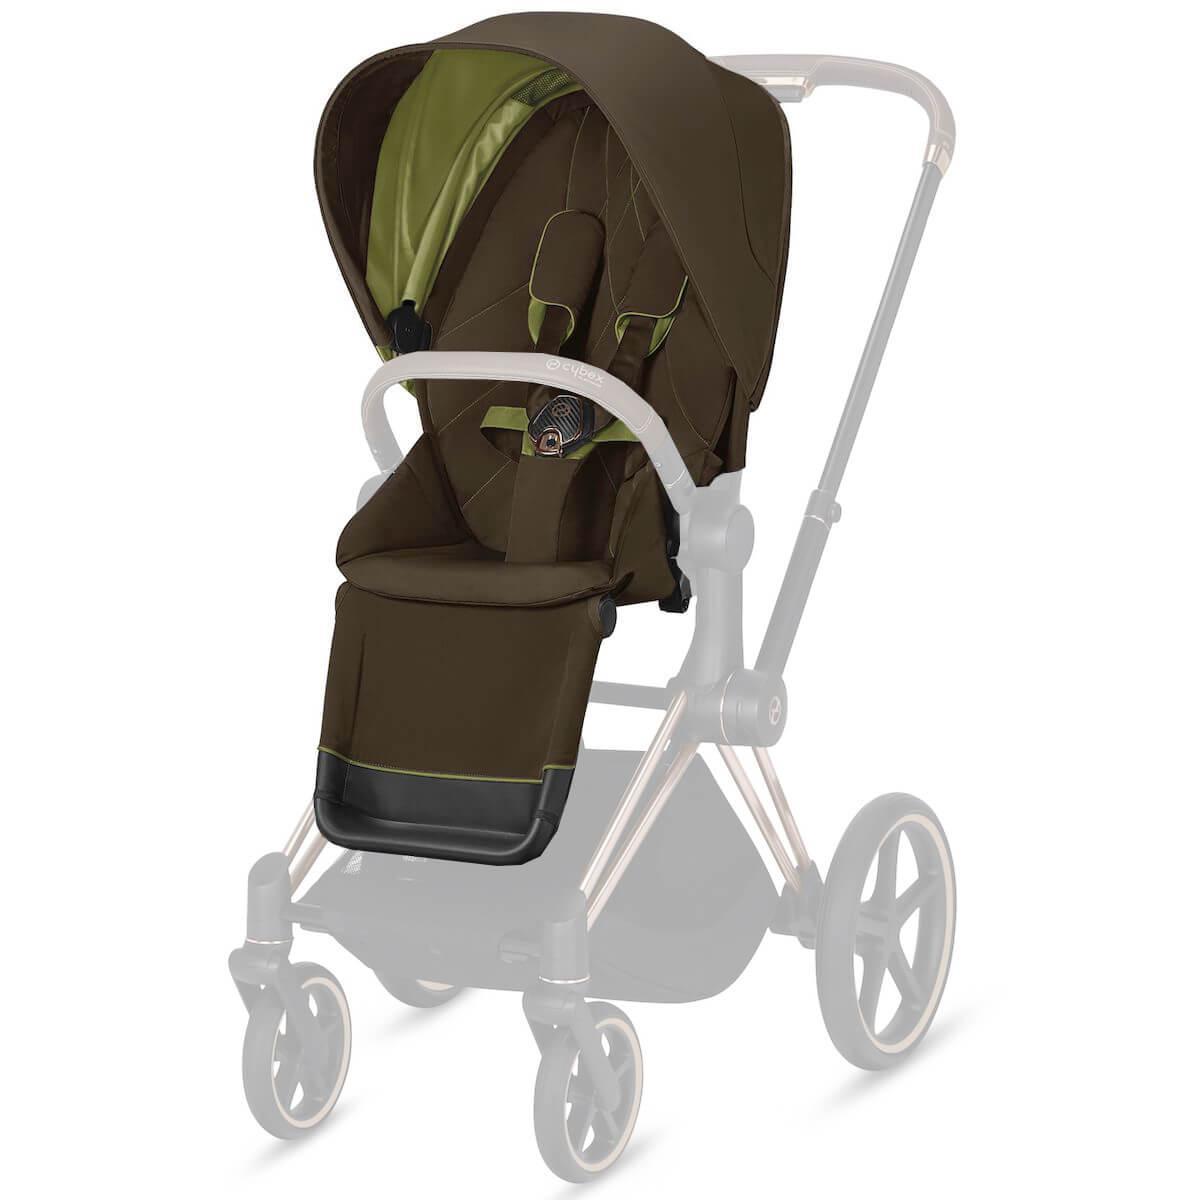 Asiento-pack silla PRIAM Cybex Khaki green-khaki brown